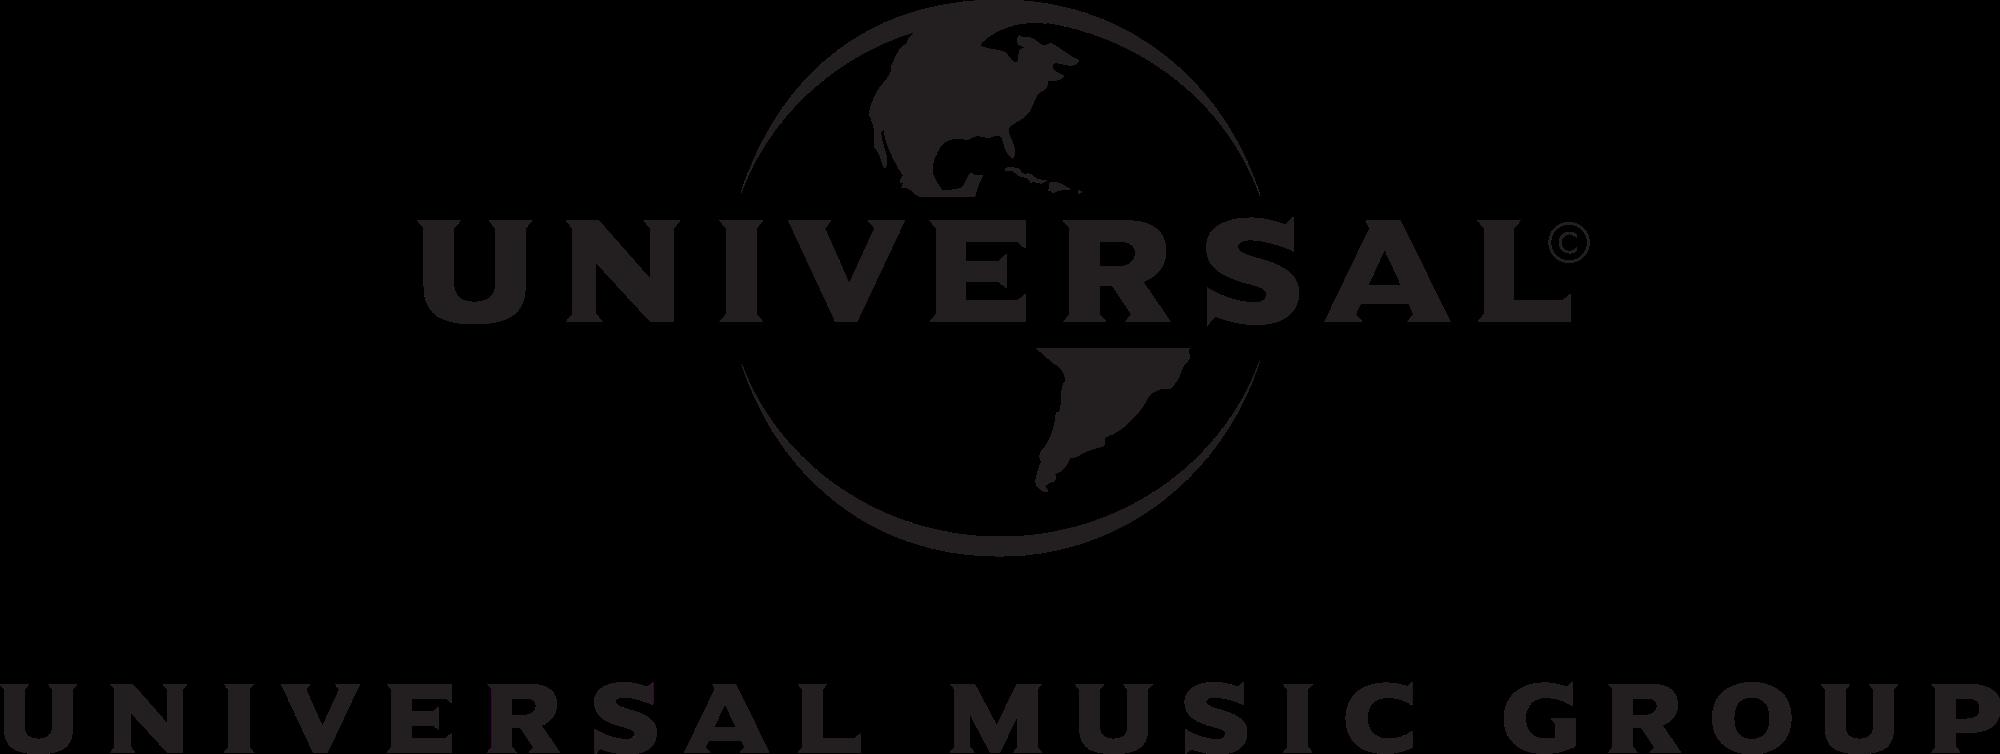 santaibiza_universal.png